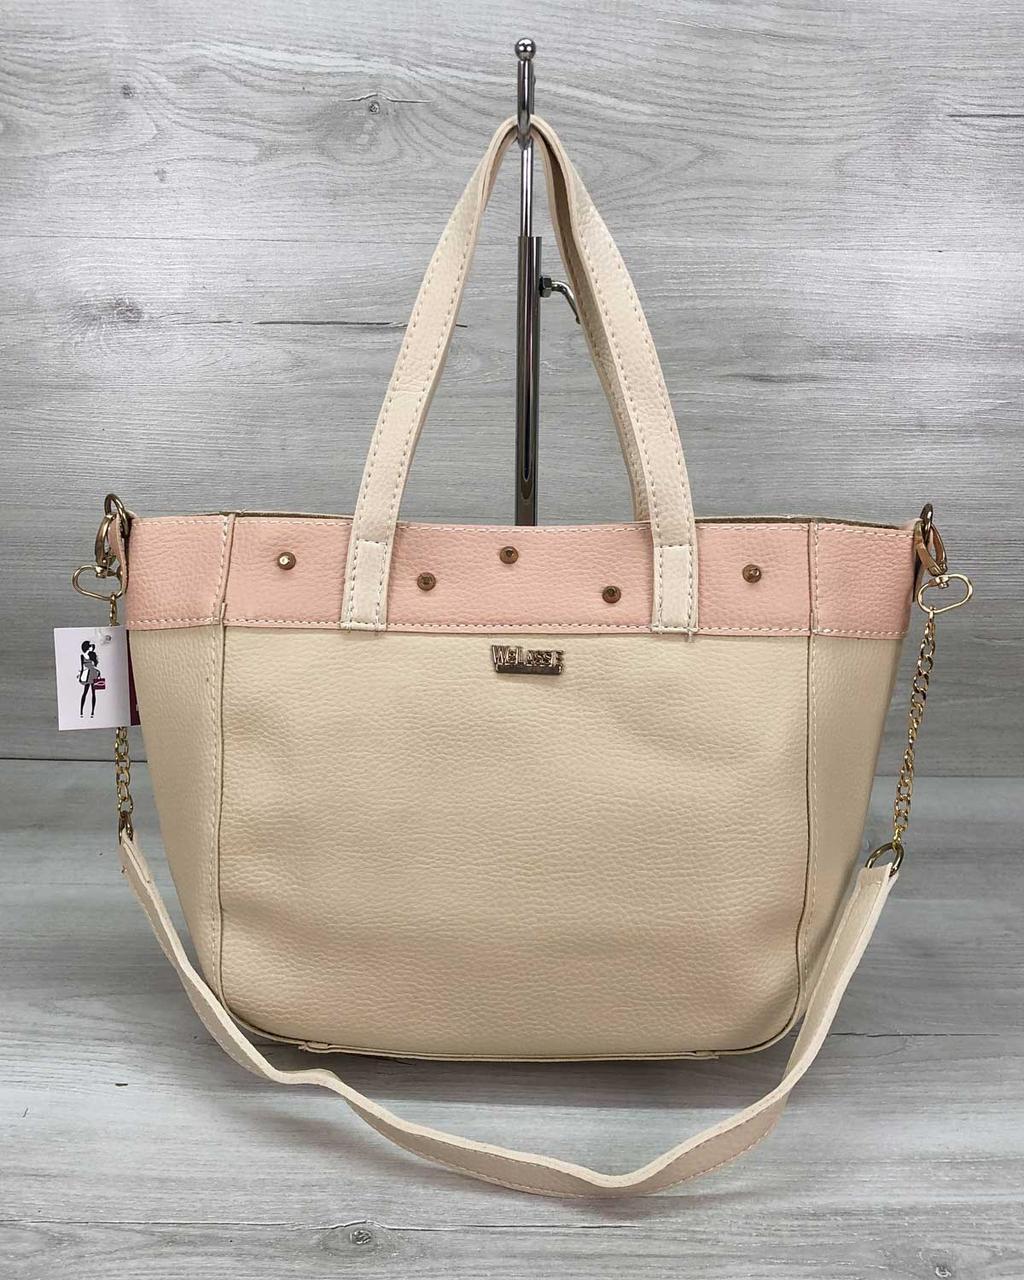 Молодежная женская сумка стильная Дарина с шипами бежевая, женская модная  сумка среднего размера кожзам